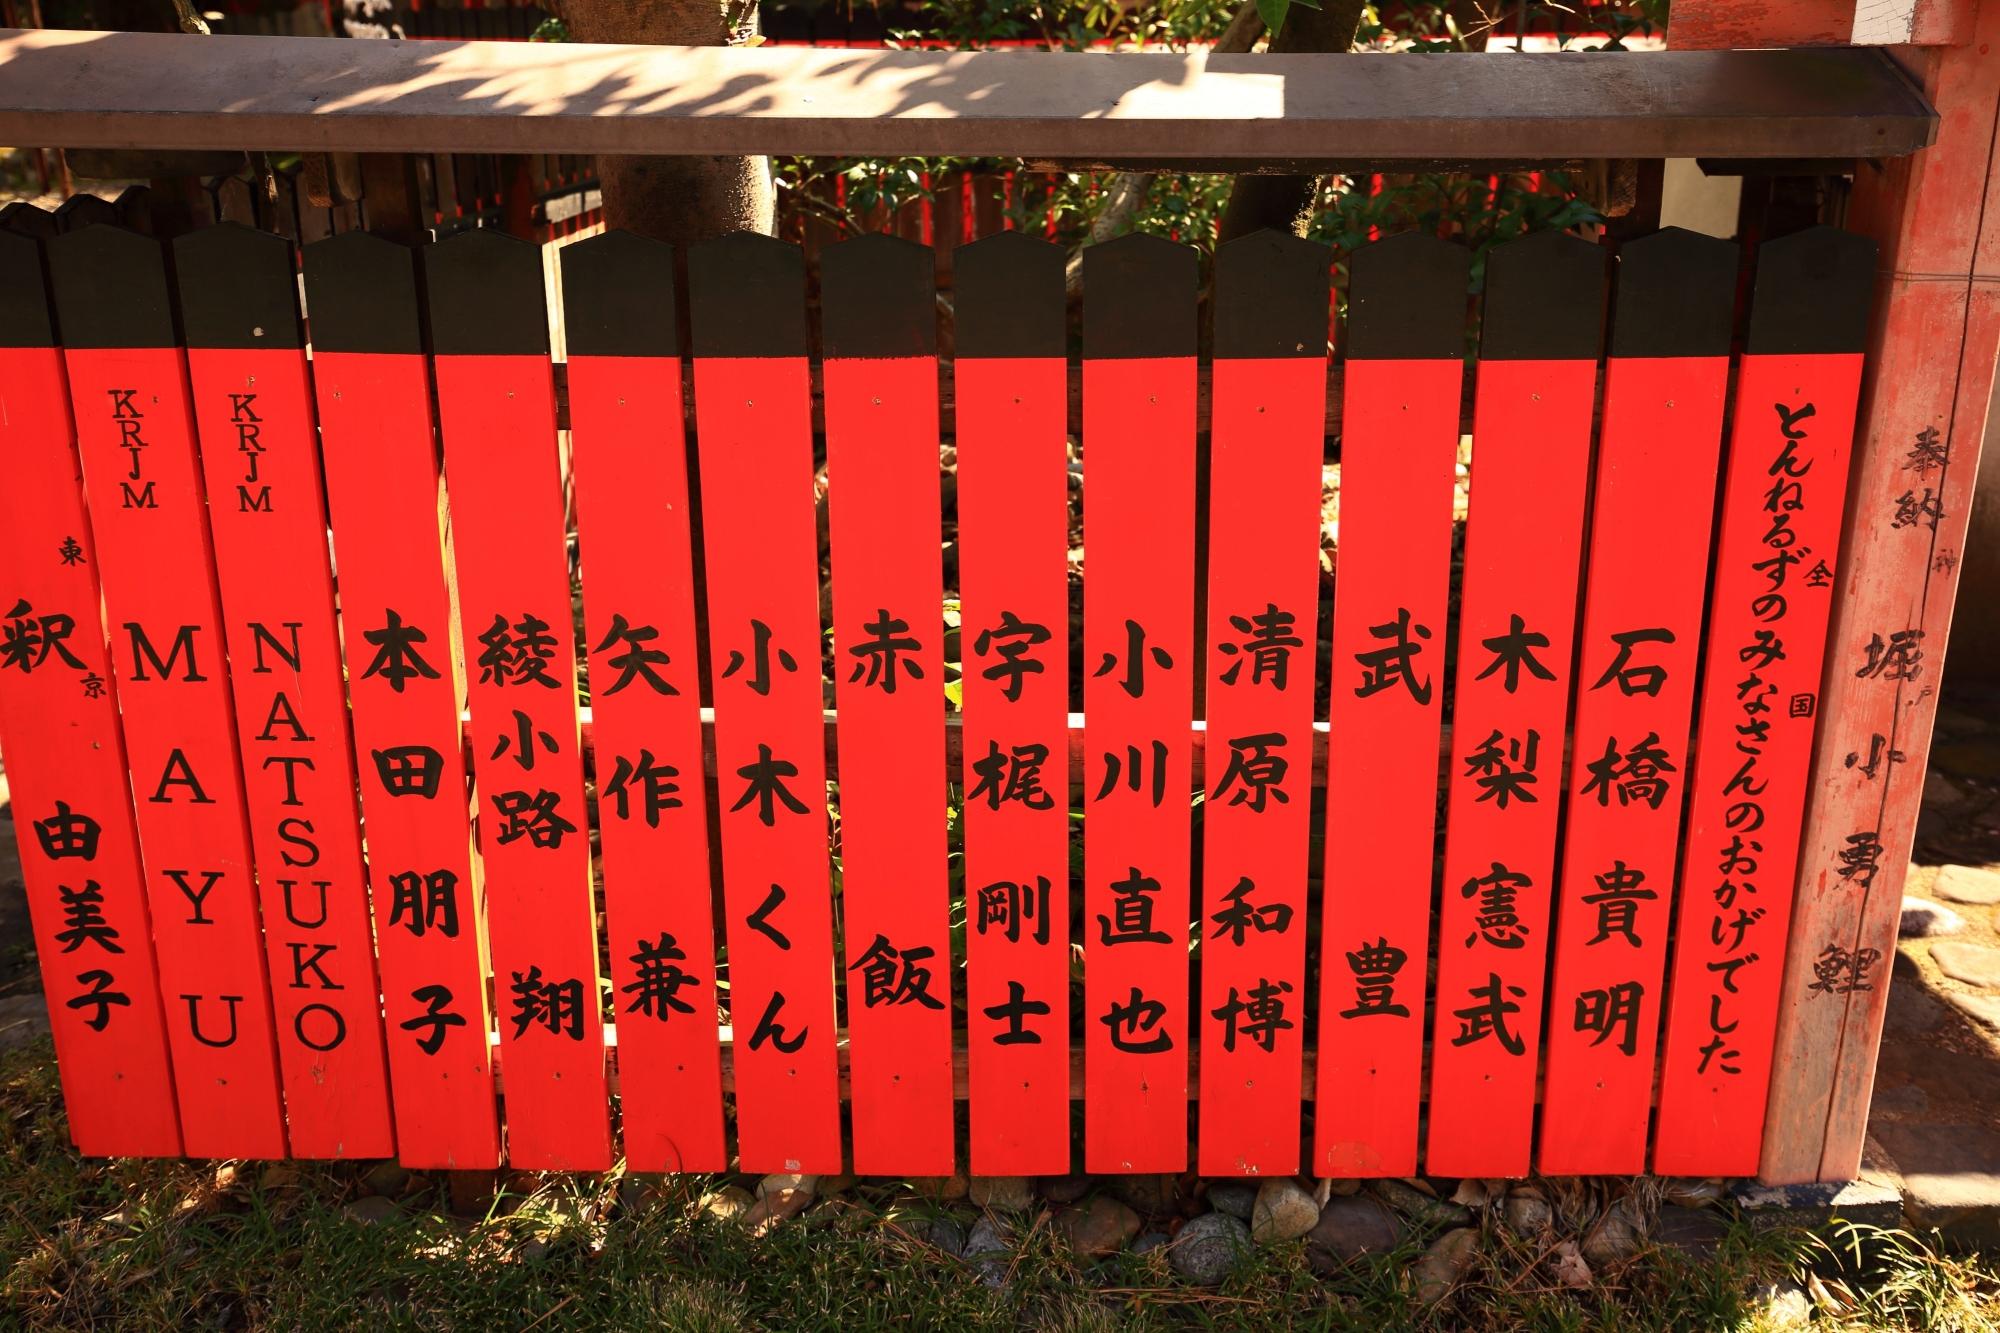 芸能人の玉垣で有名な芸能神社